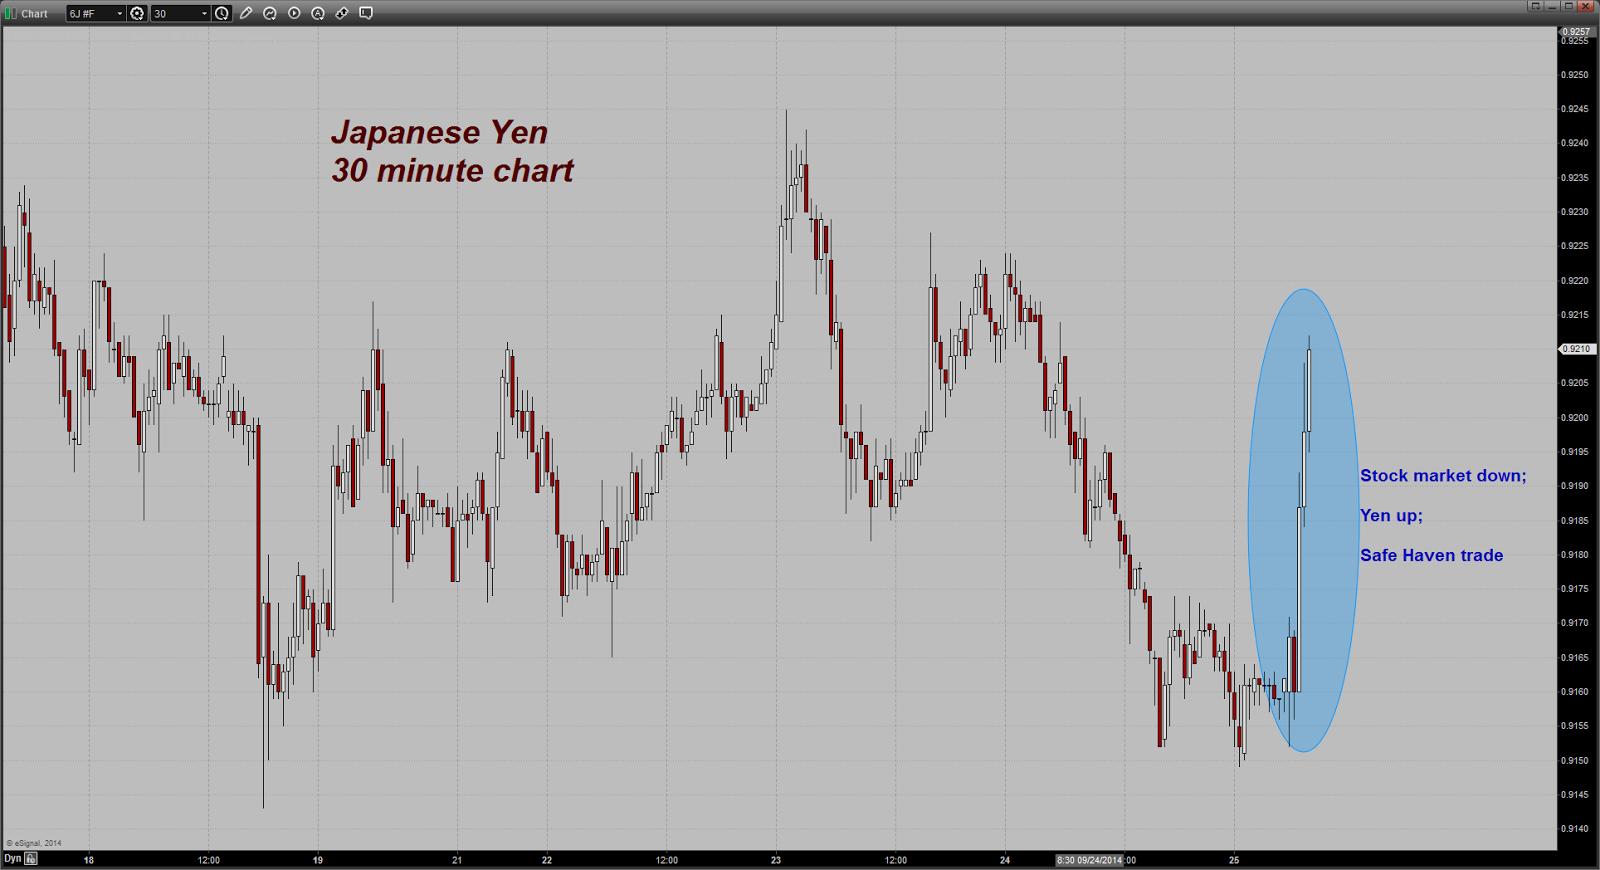 prix de l'or, de l'argent et des minières / suivi quotidien en clôture - Page 14 Chart20140925074352